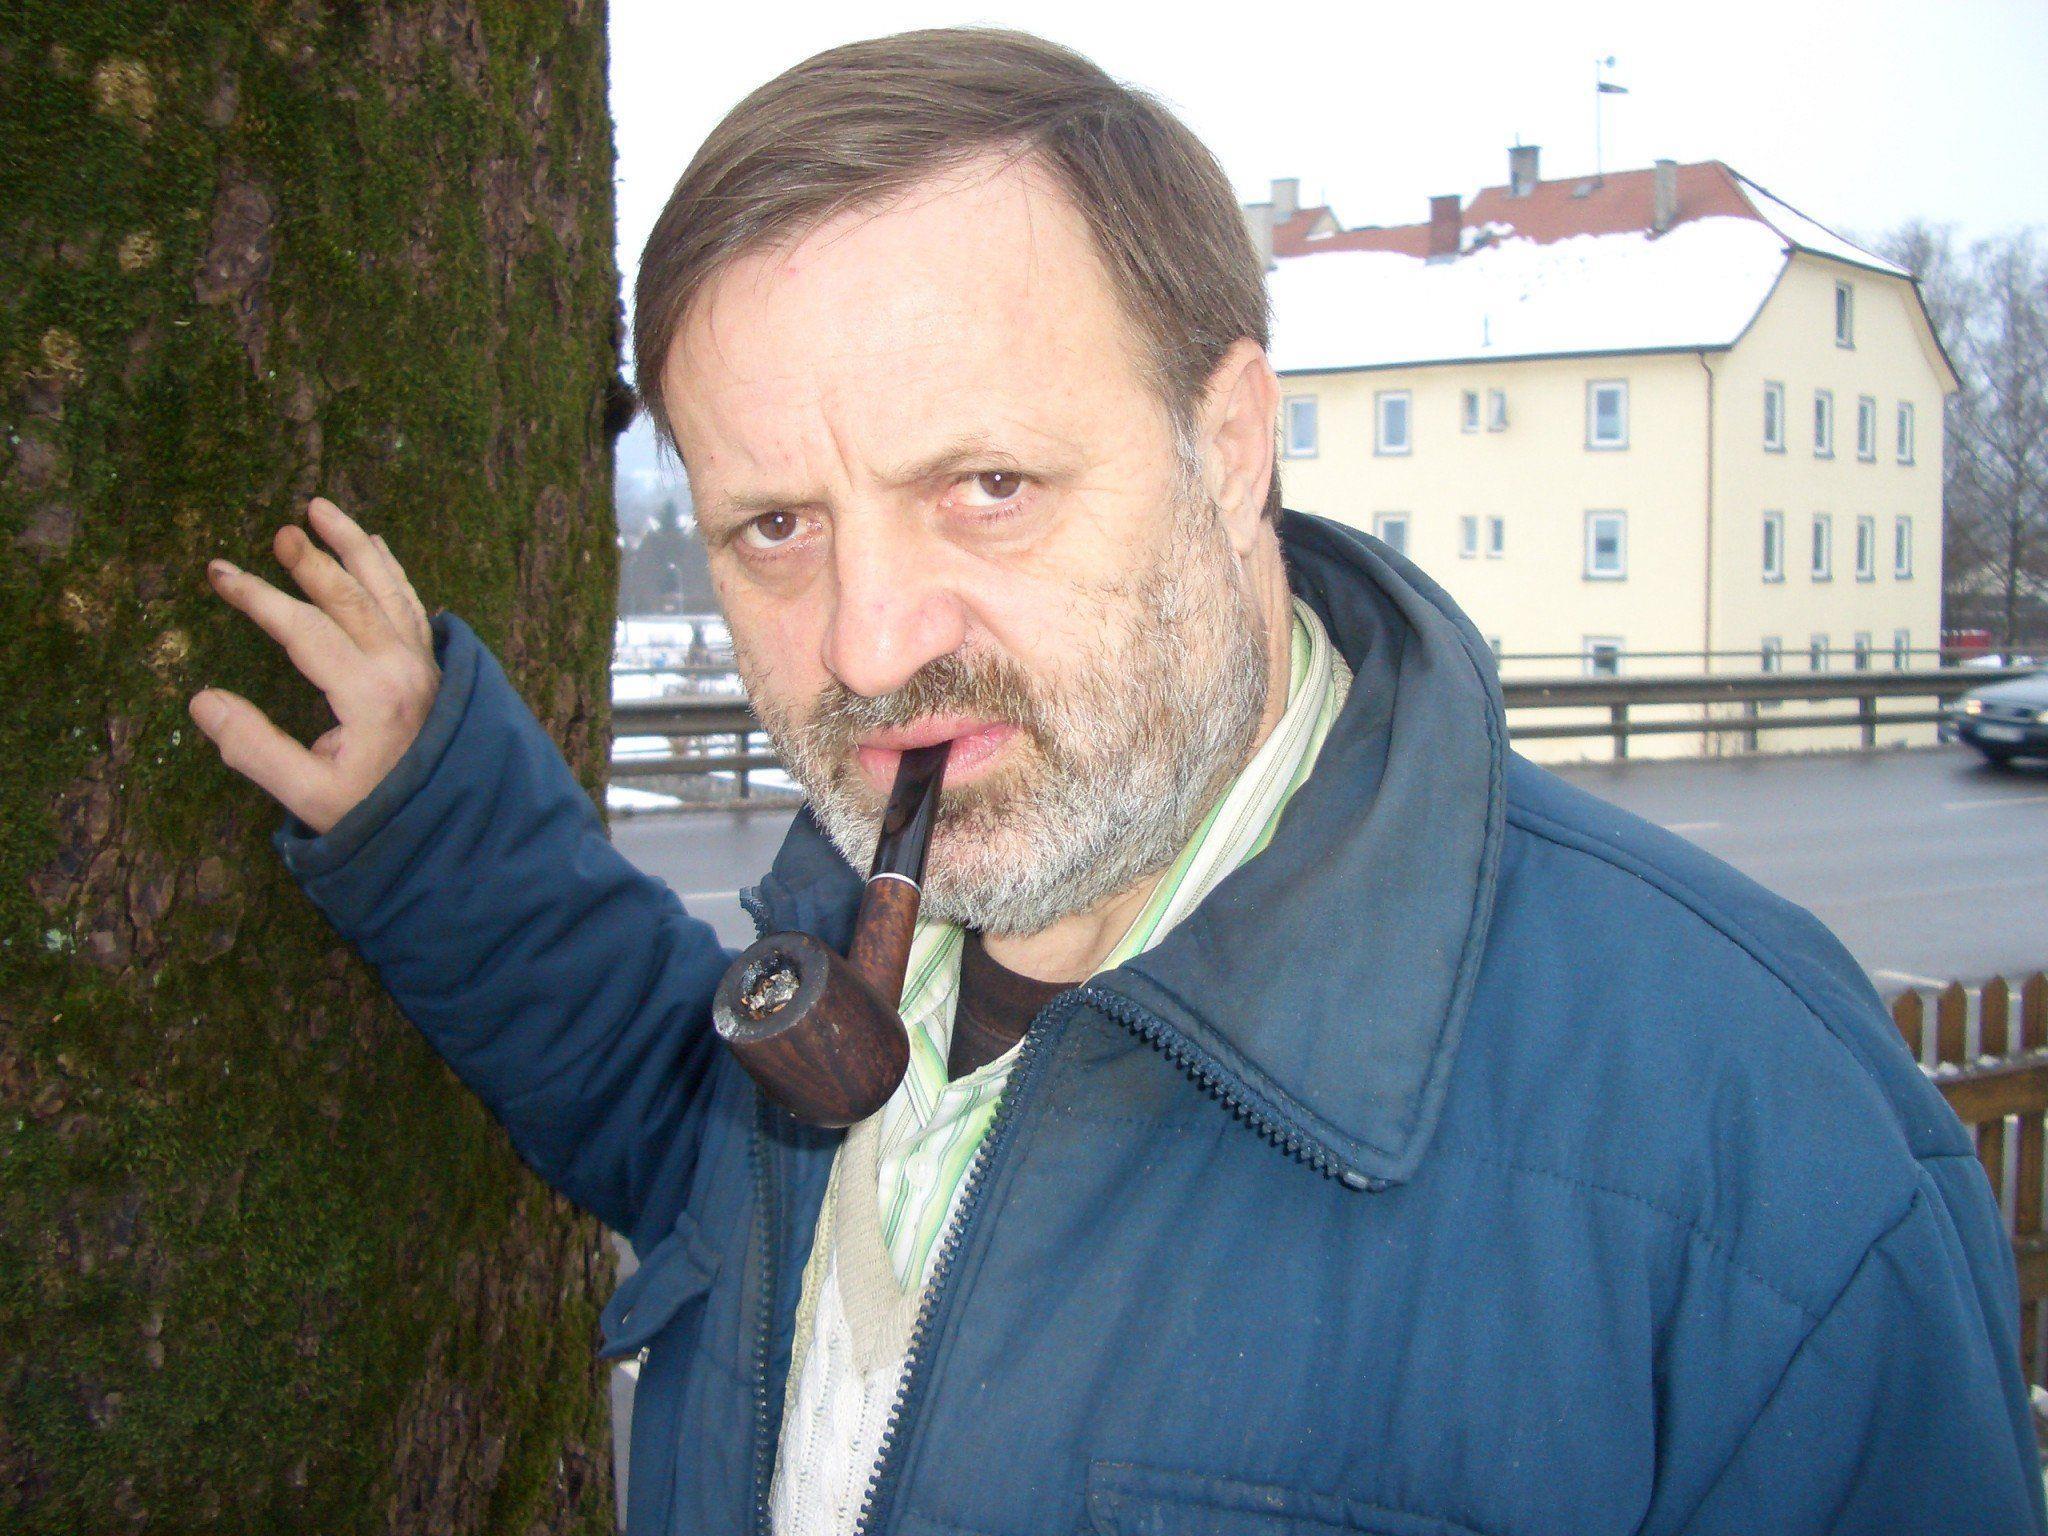 Der Autor Manfred Strolz beweist sich auch als Fotokünstler.